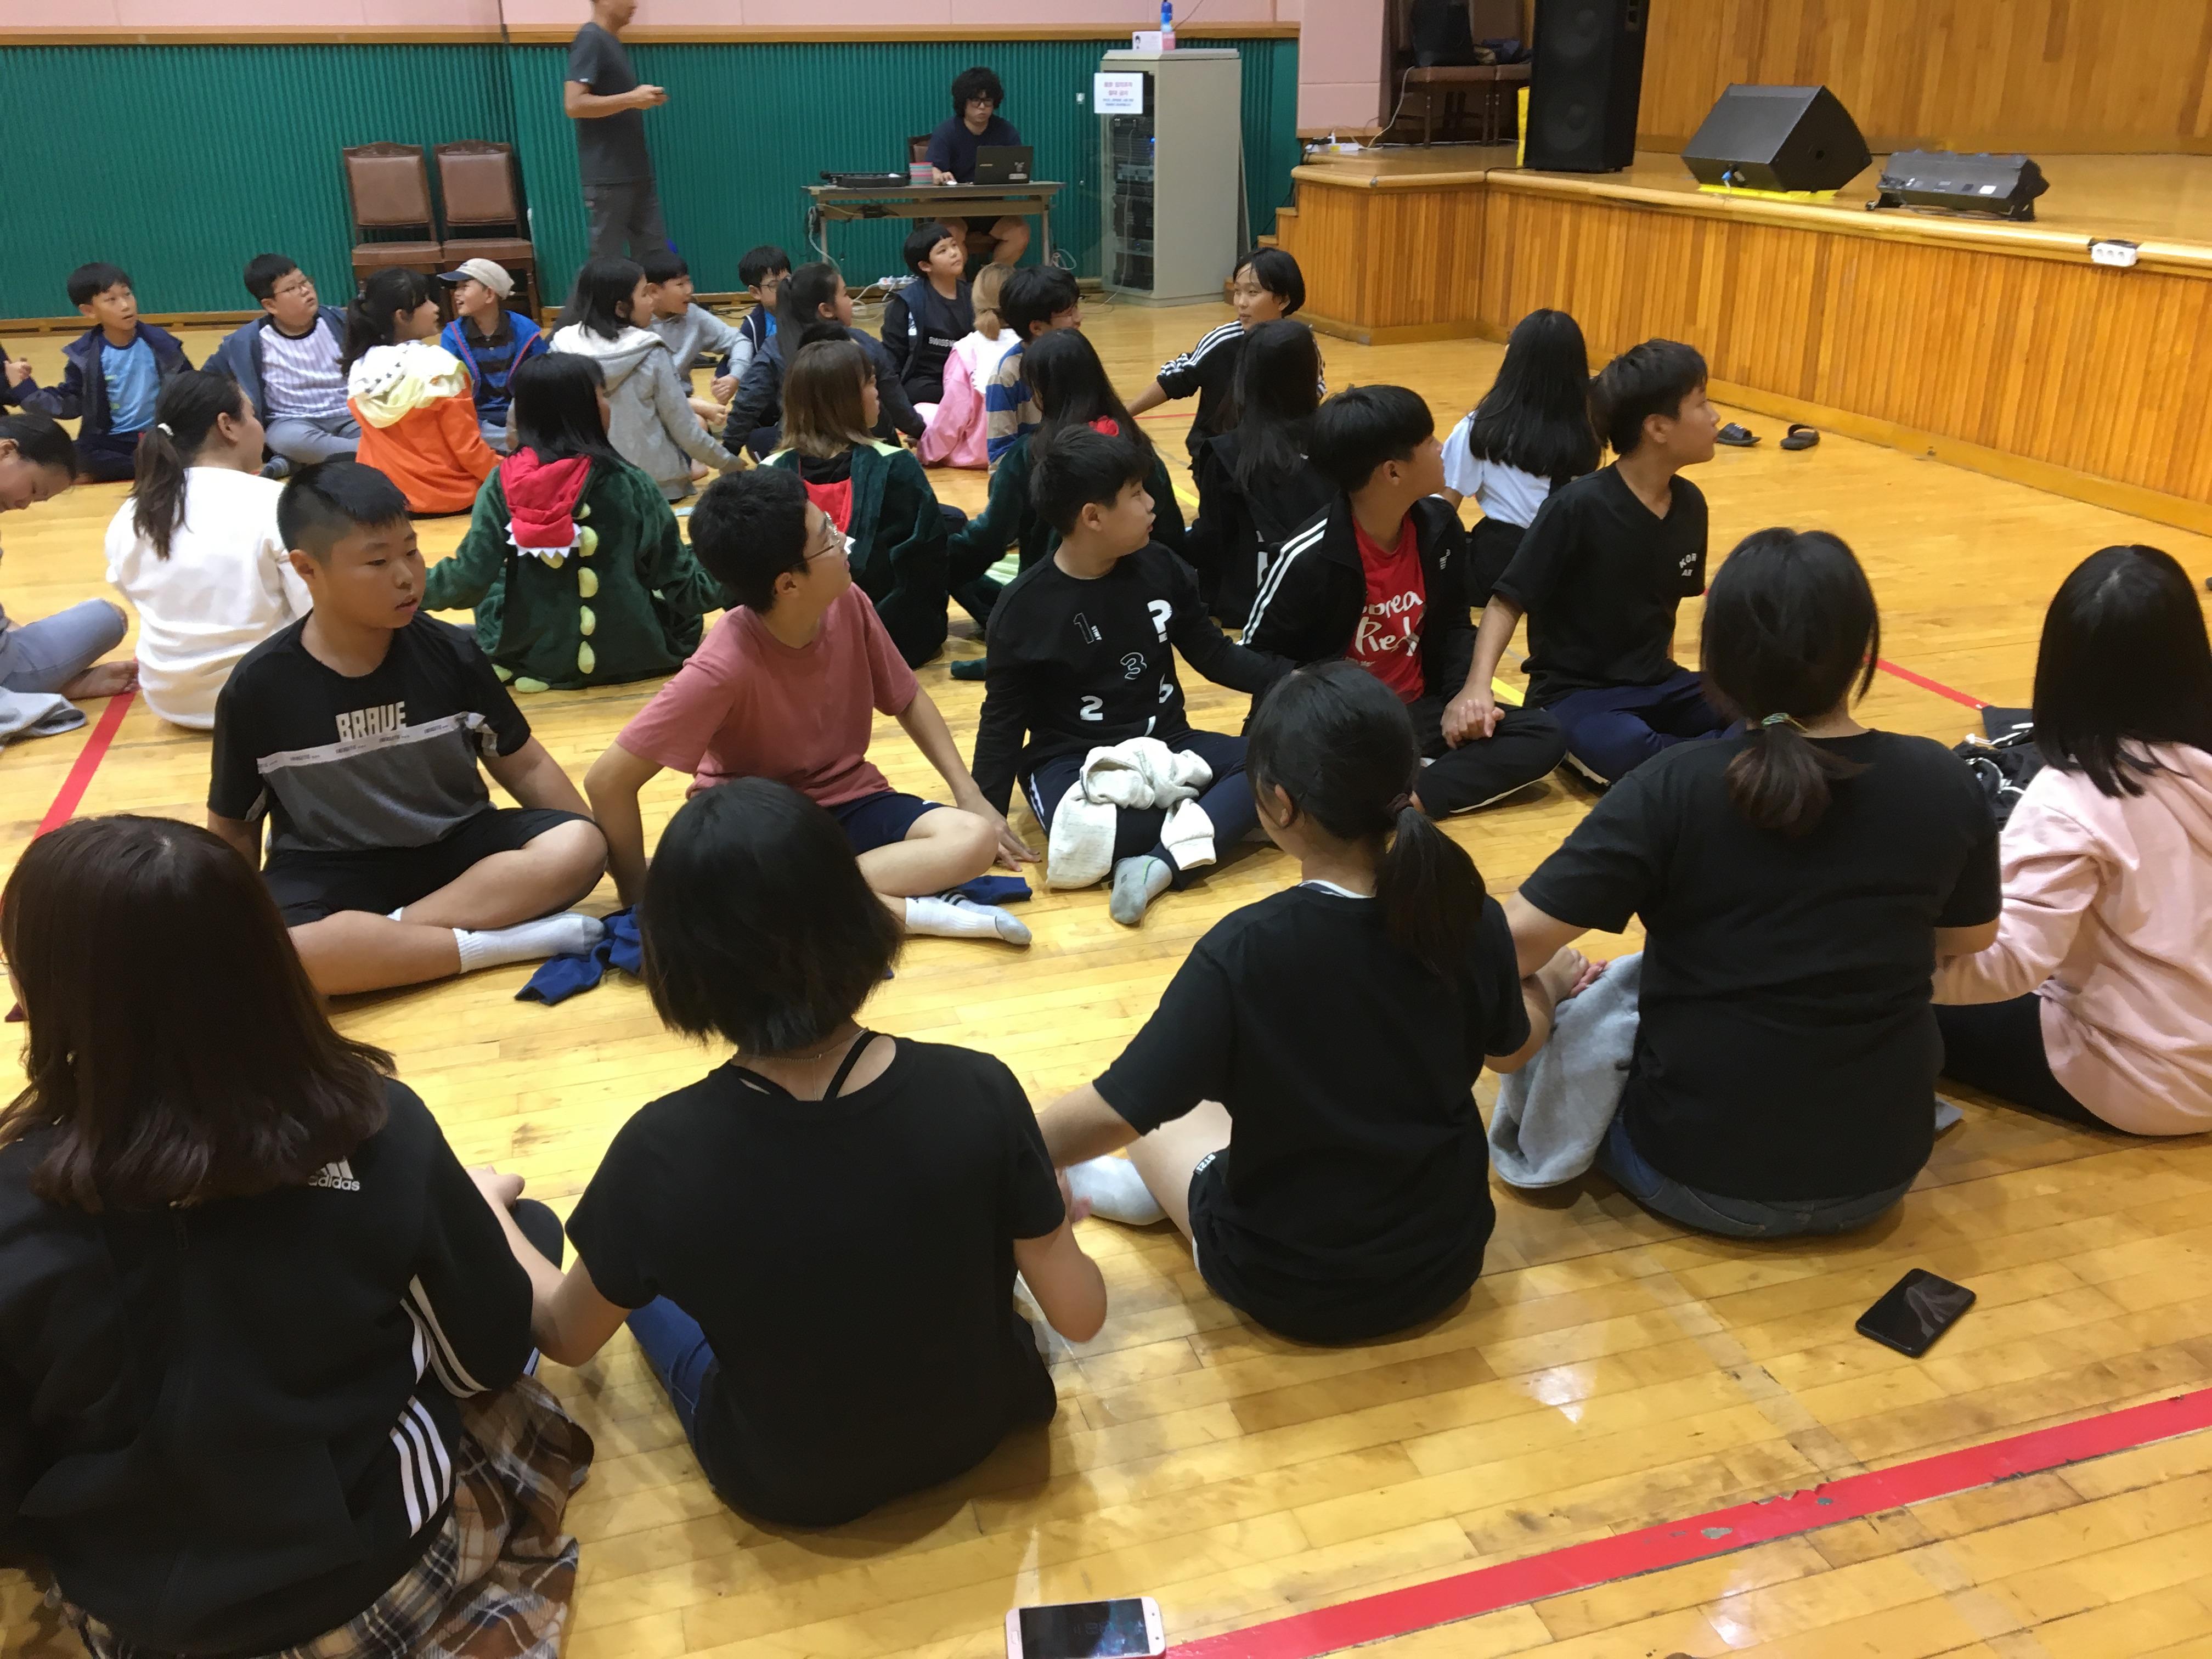 [일반] 0926-0927 4-6학년 수련활동의 첨부이미지 2